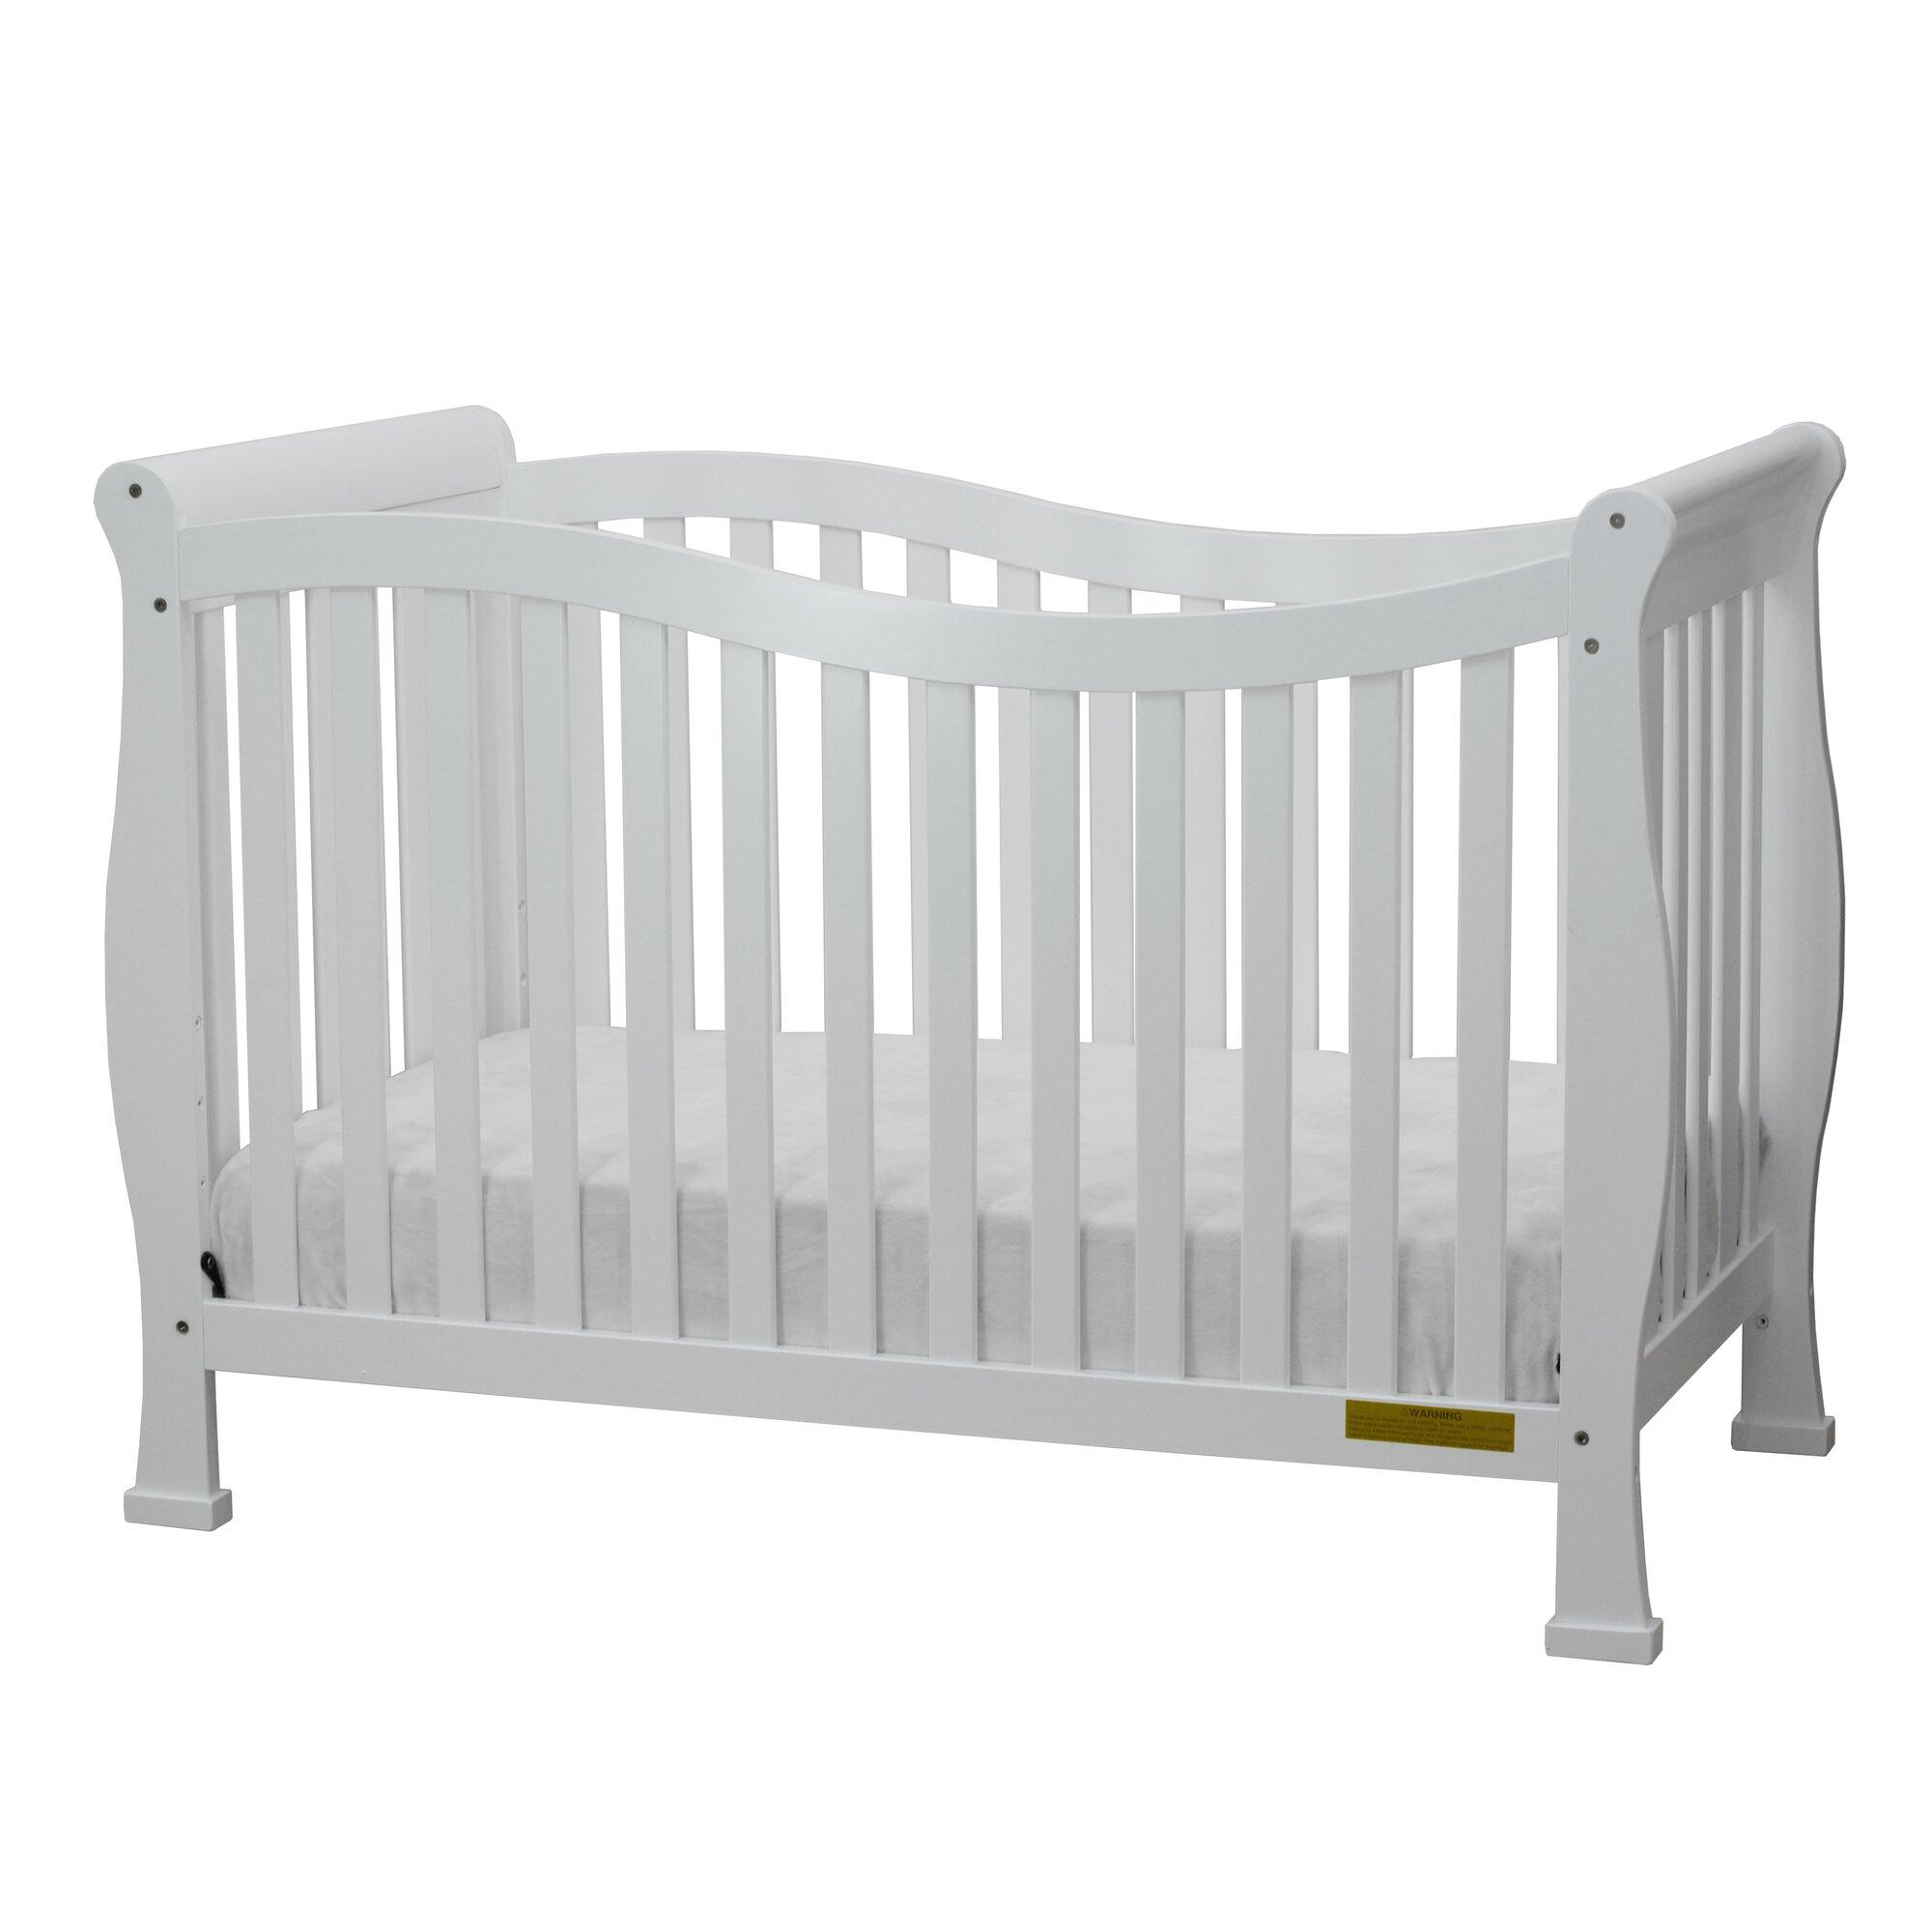 Crib for sale kijiji toronto - Nadia 3in1 Convertible Crib